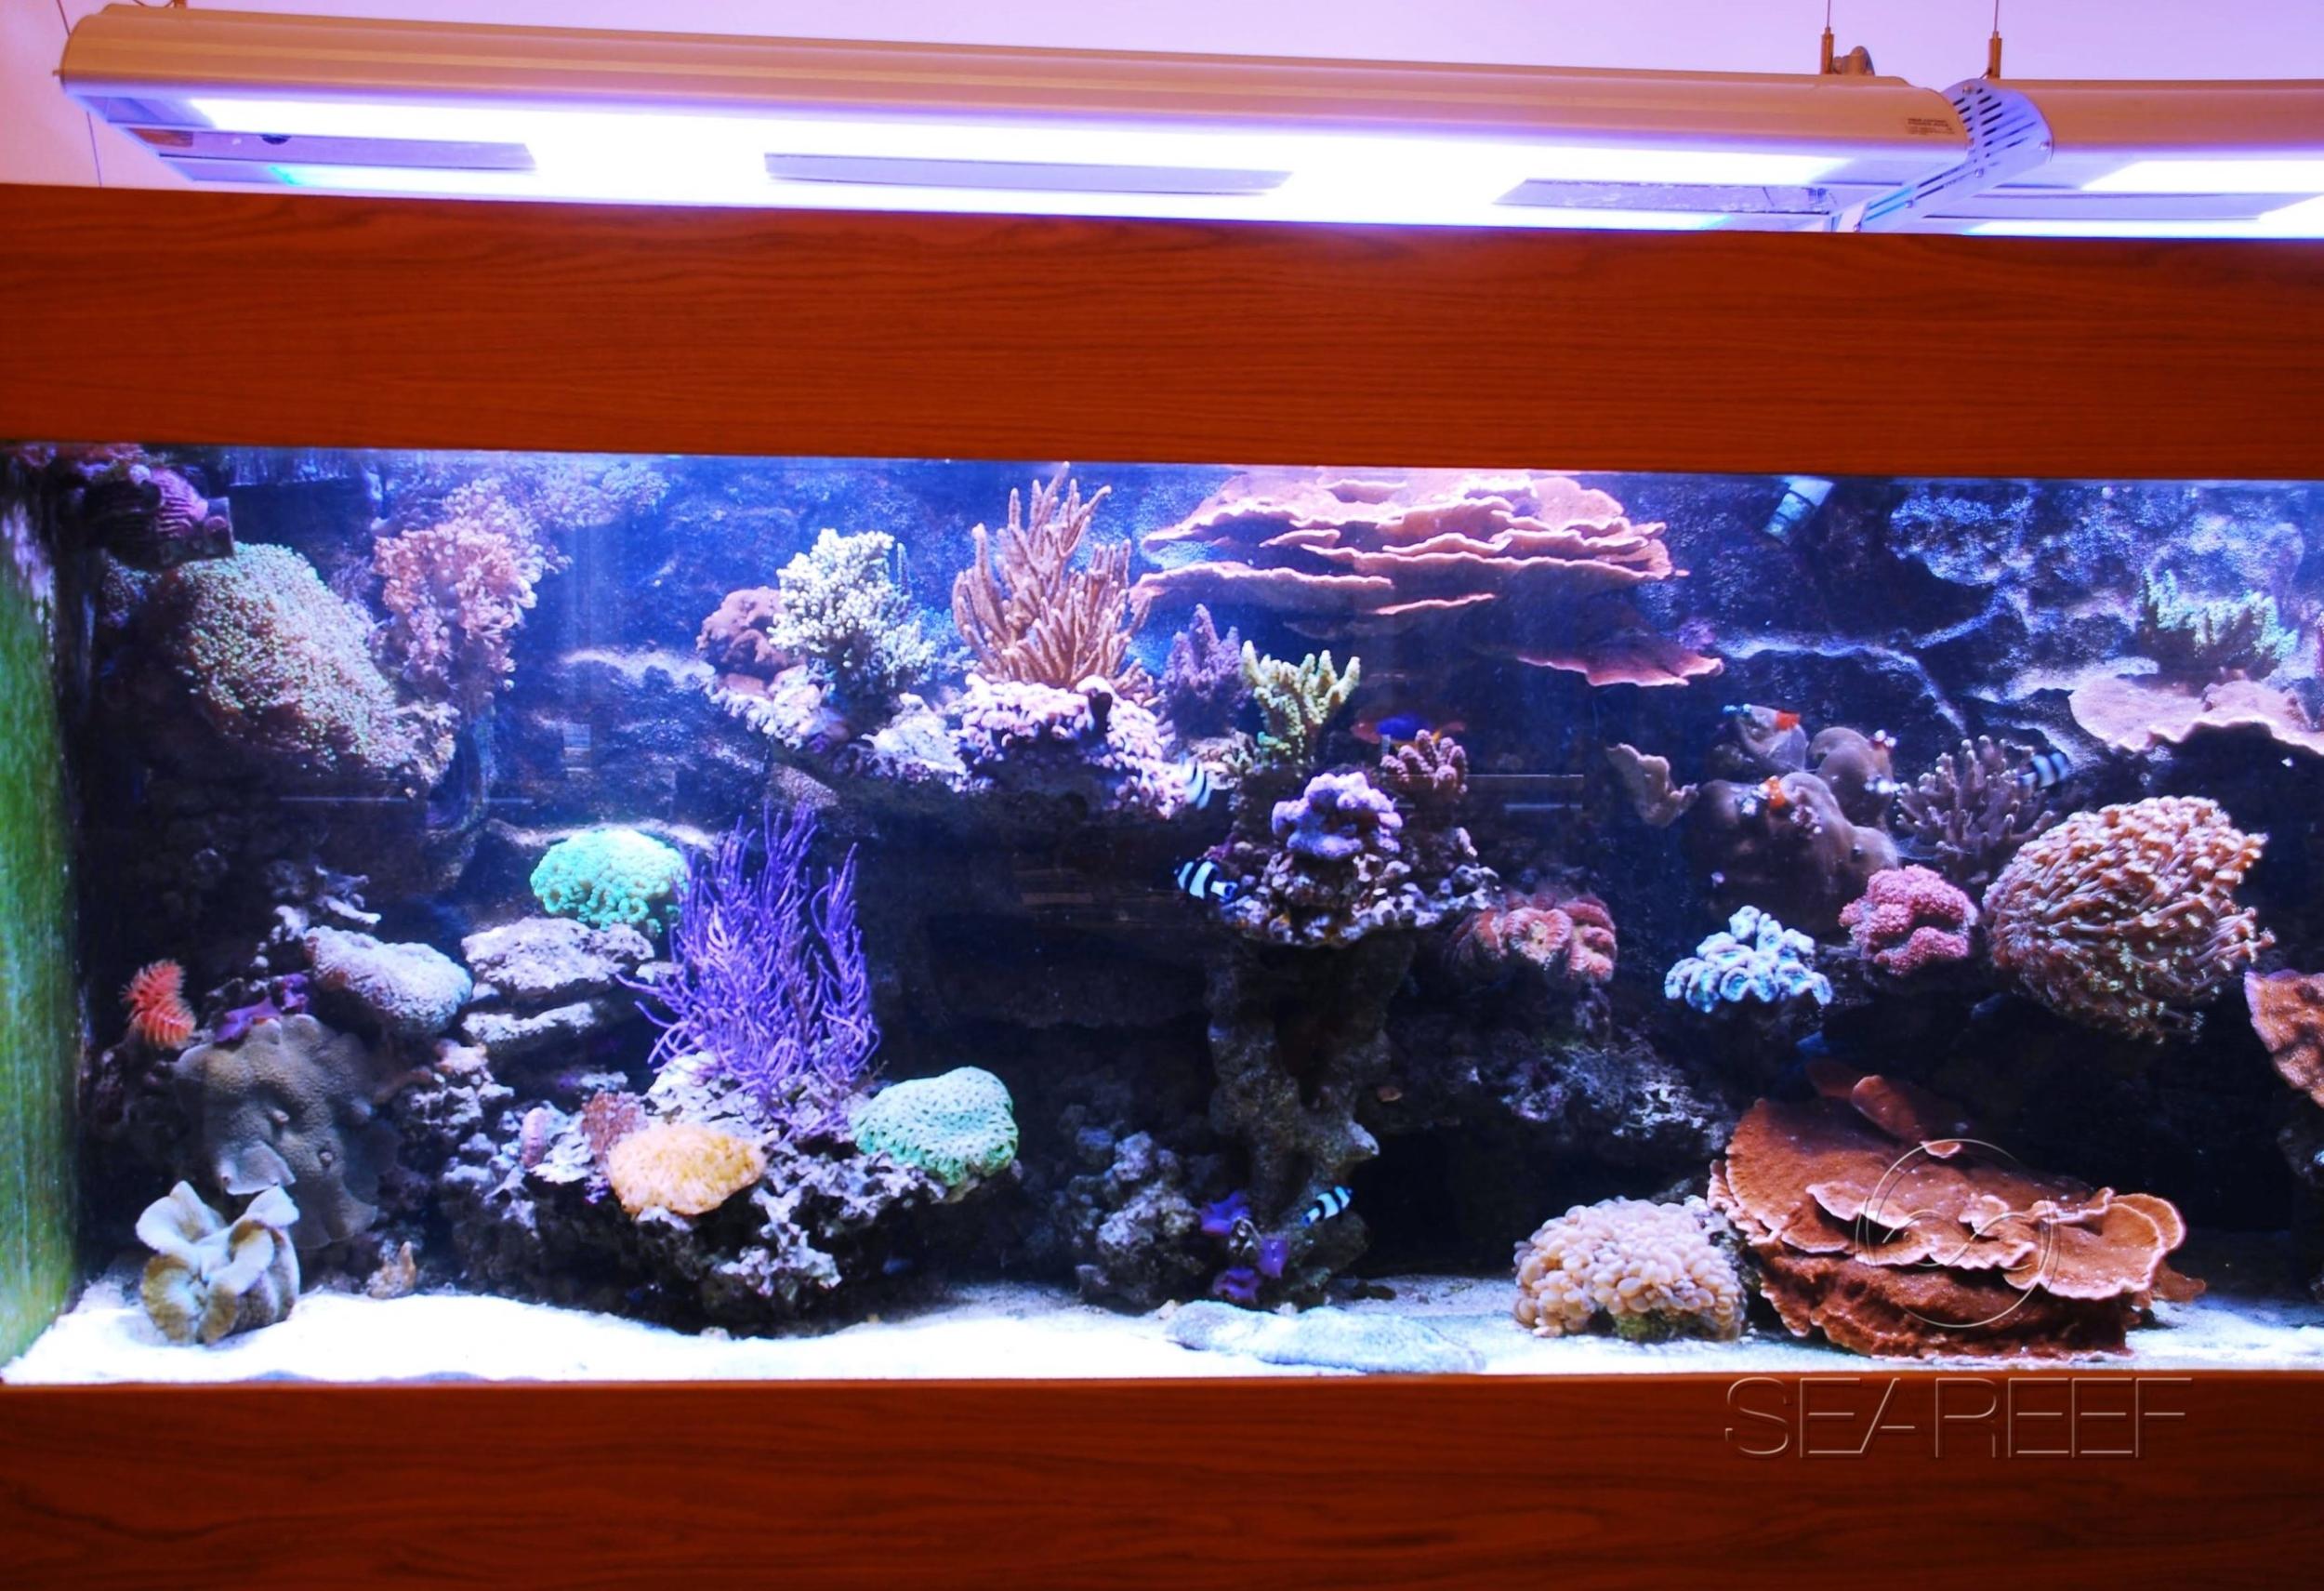 Mořské akvárium o objemu 1000 litrů.